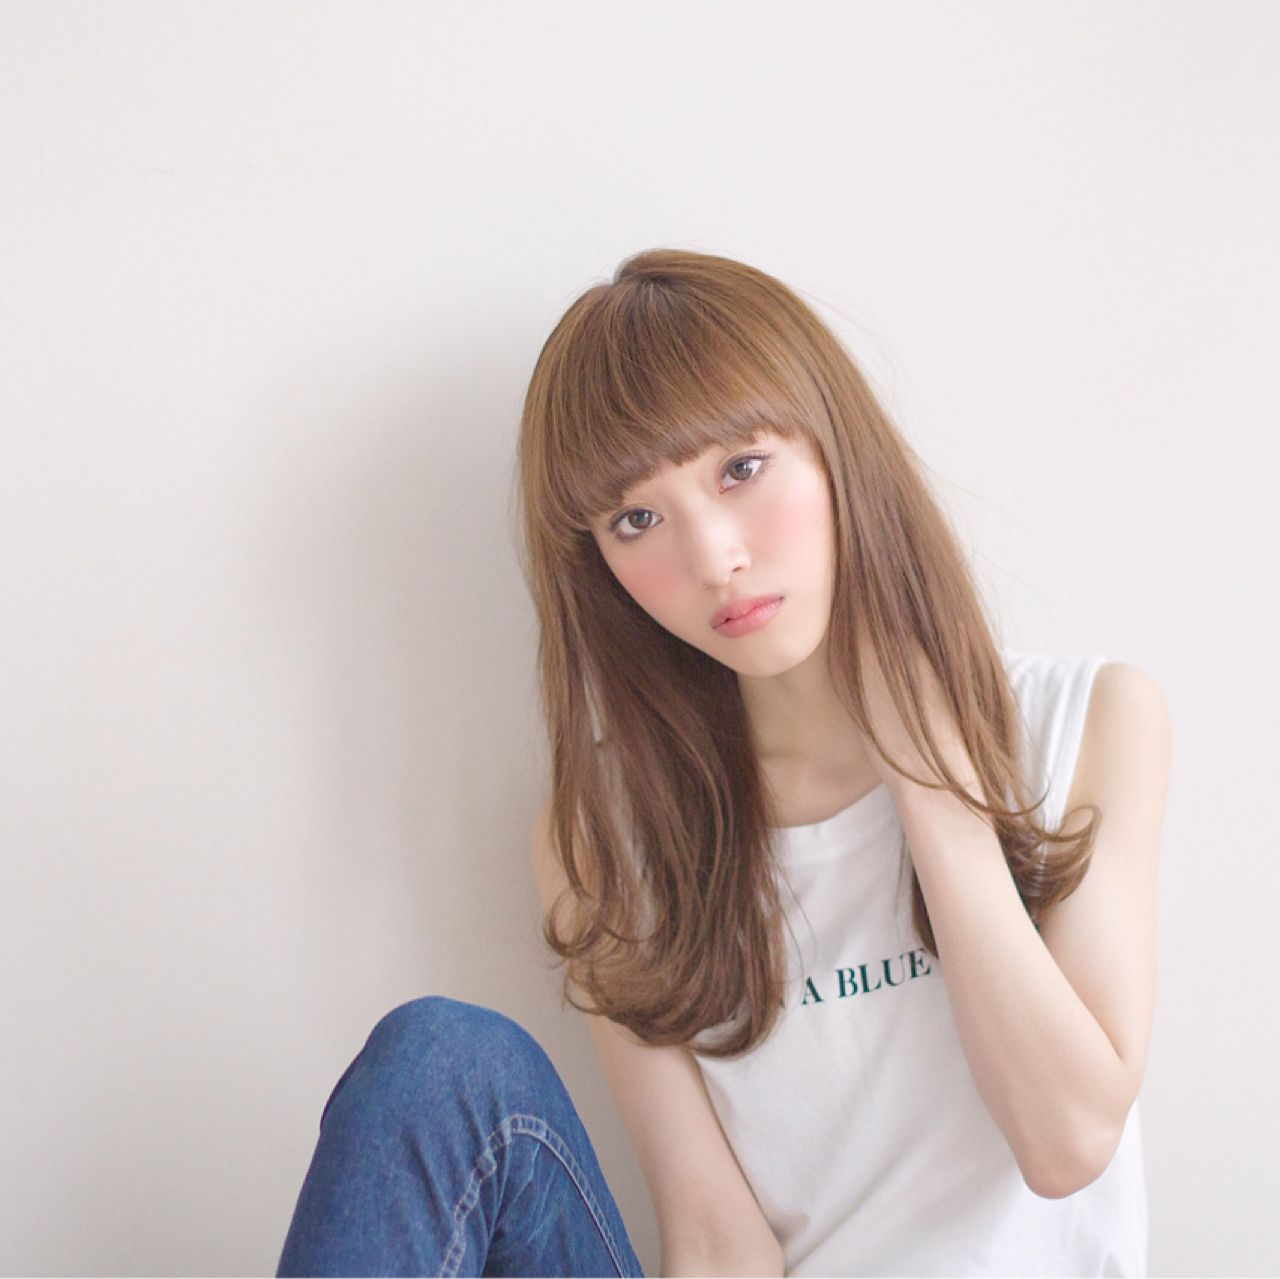 ぱっつん前髪が飽きてきたらアレンジをしてイメージチェンジ♡のサムネイル画像